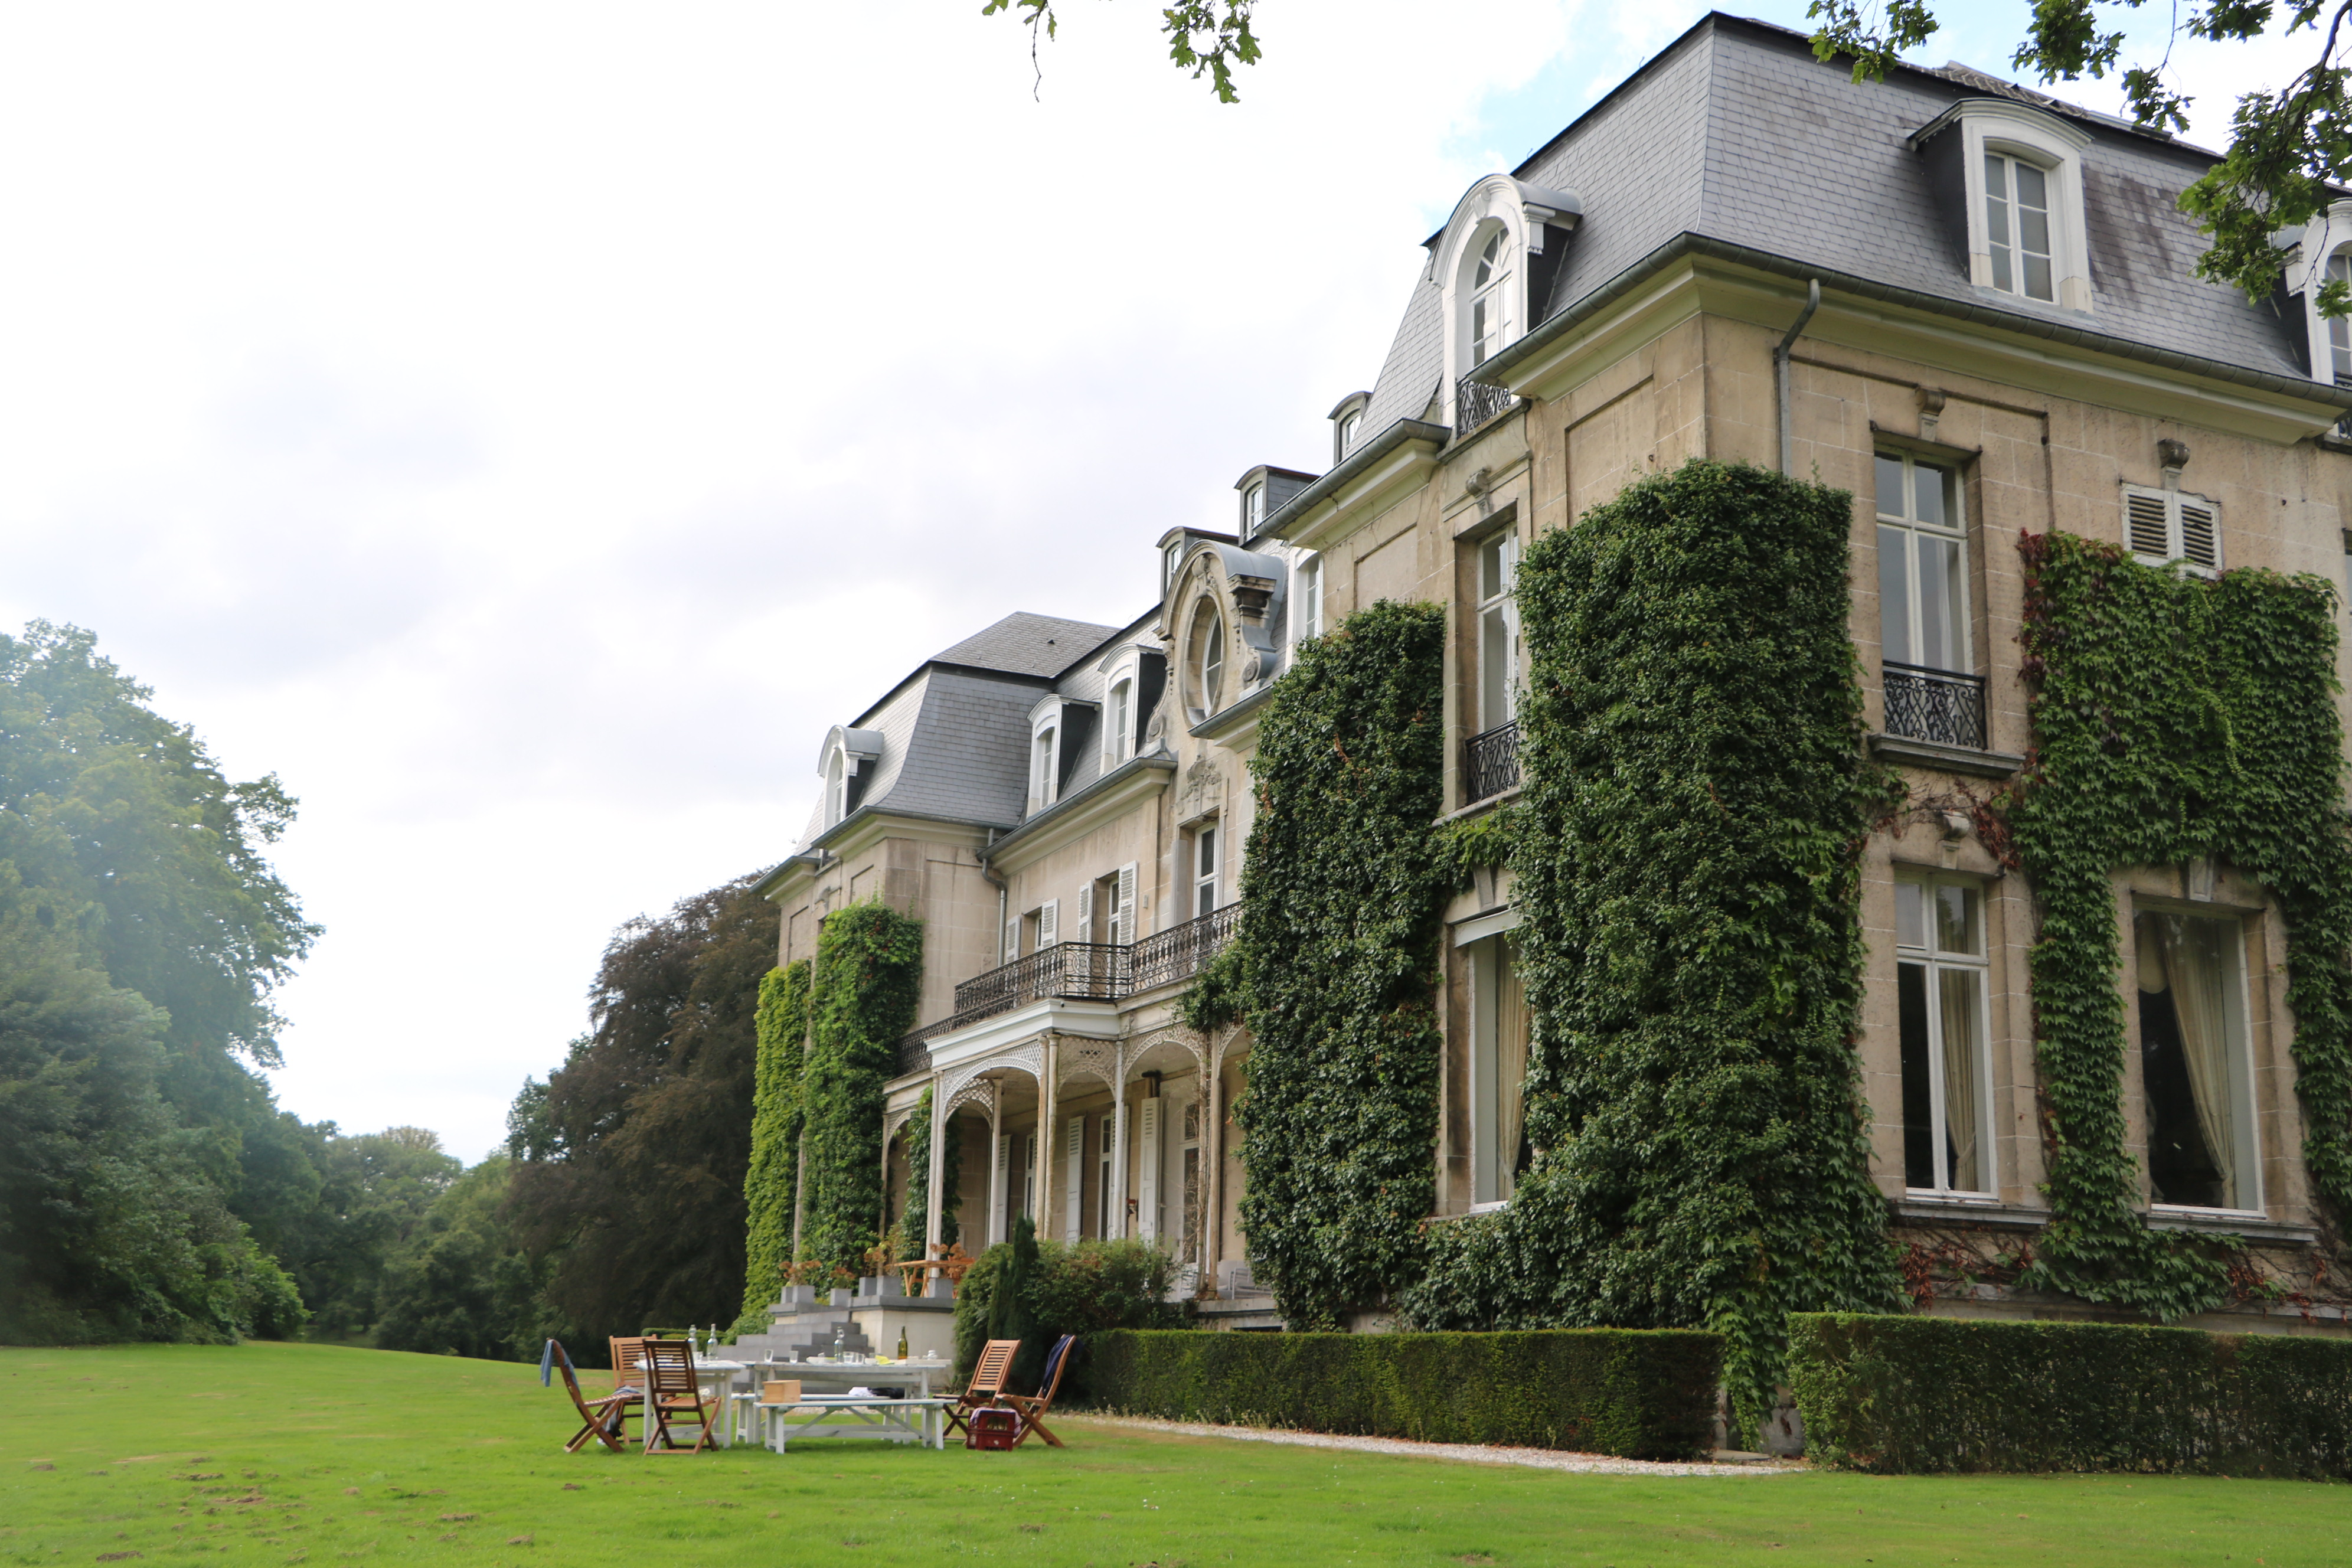 Construit en 1820 dans un style Beaux-Arts, le château d'Arthey est implanté au centre d'un domaine d'une centaine d'hectares de prairies et de forêts.